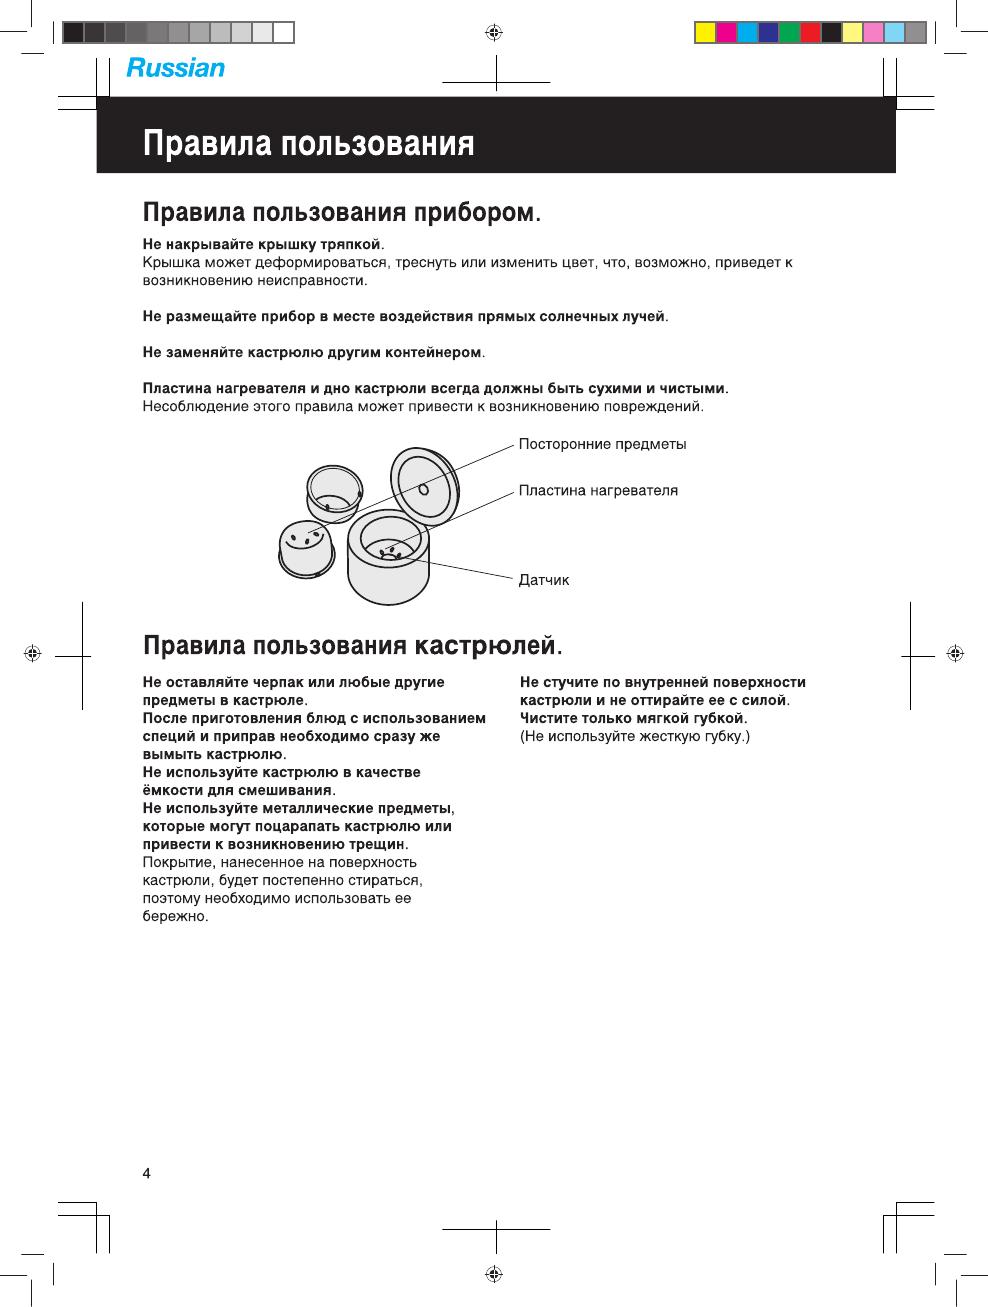 Rozetka. Ua | фото мультиварка panasonic sr-tmh18: инструкция.